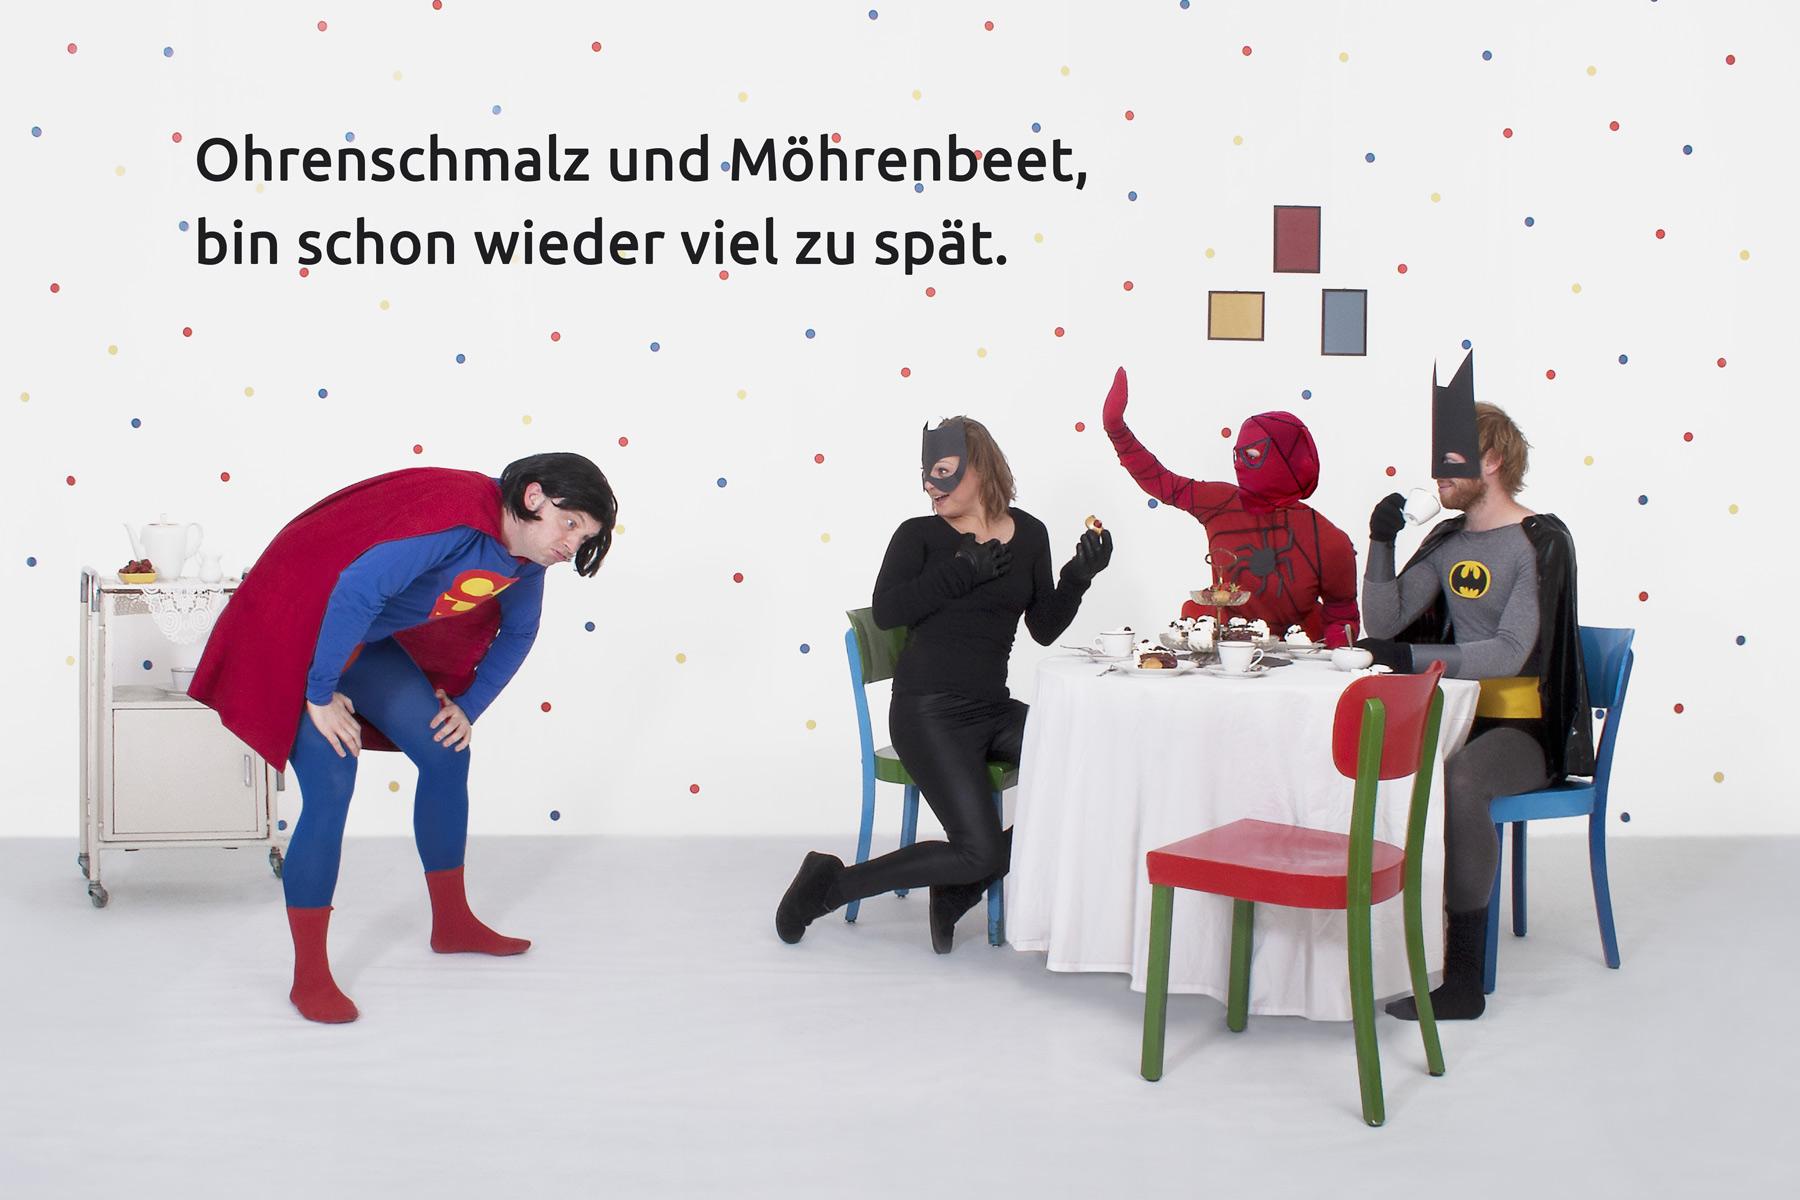 Superhelden1.jpg